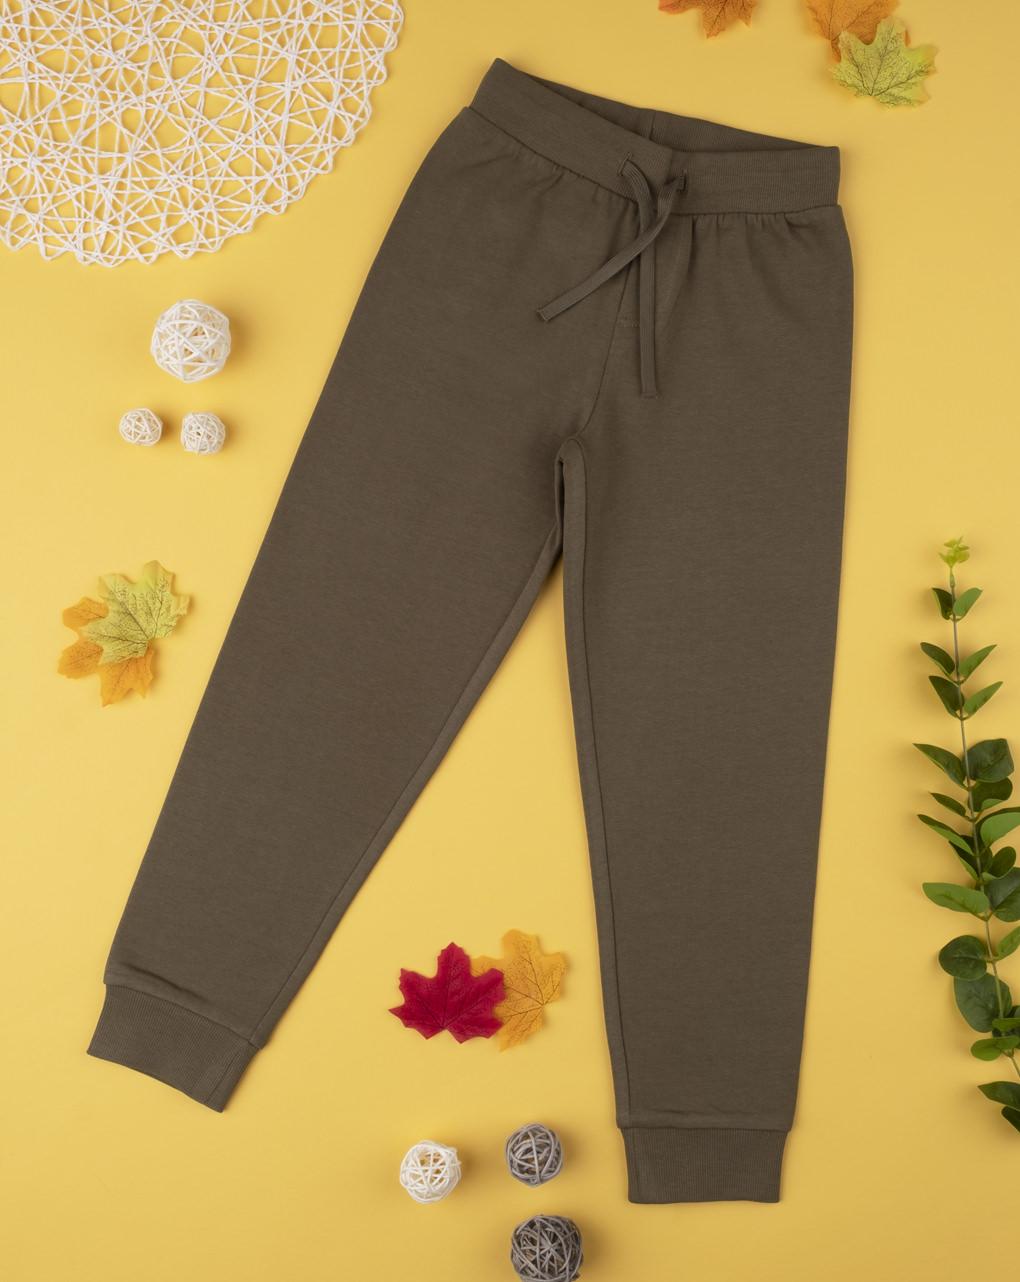 Pantalone felpato menino marrone - Prénatal